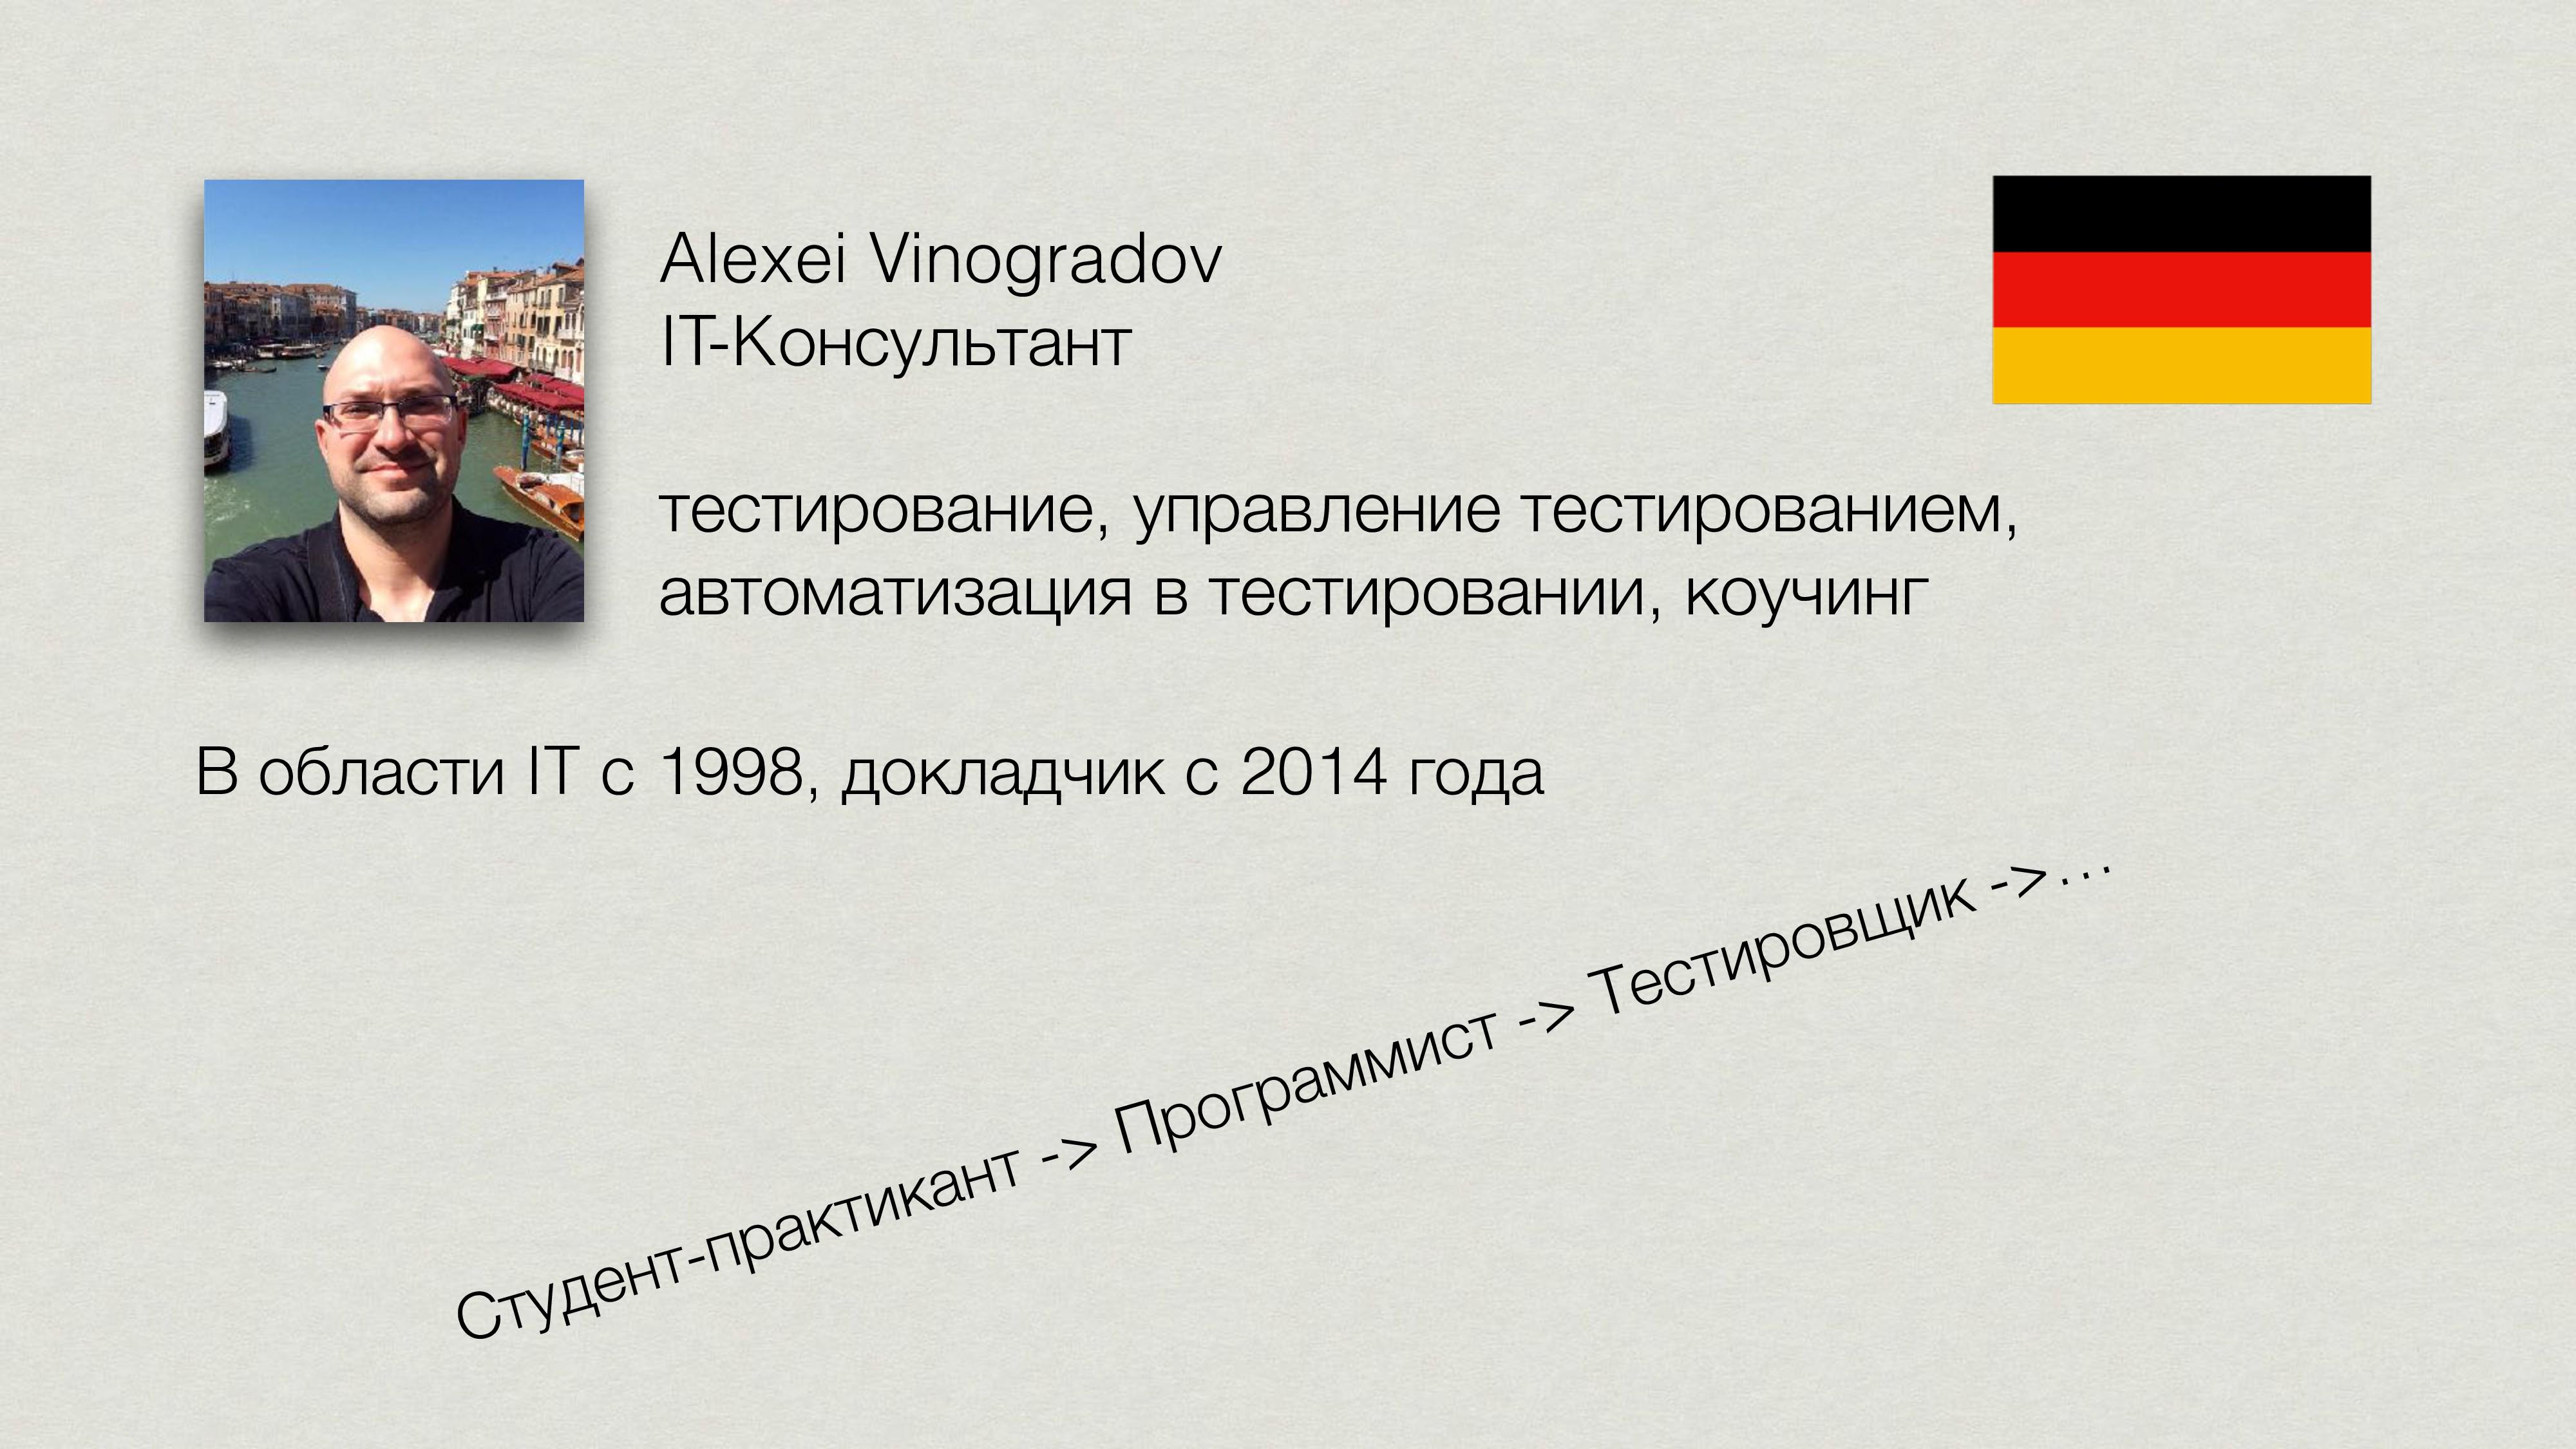 Alexei Vinogradov IT-Kонсультант  тестирован...